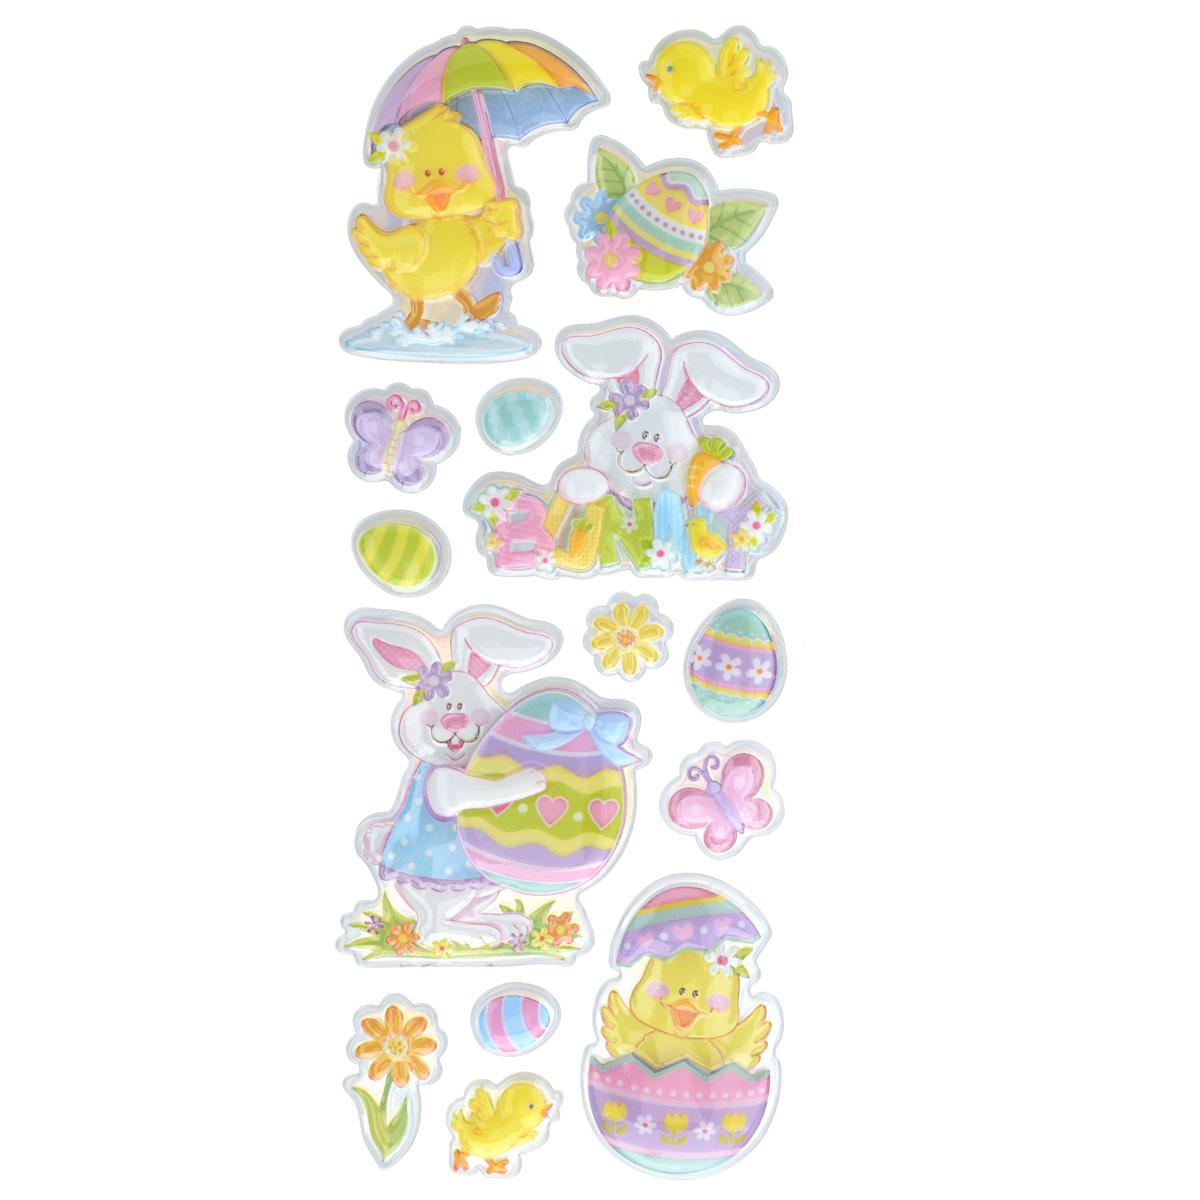 Набор объемных наклеек Home Queen Цыпленок под зонтом, 15 шт60882_5Набор объемных наклеек Home Queen Цыпленок под зонтом прекрасно подойдет для оформления творческих работ. Их можно использовать для скрапбукинга, украшения упаковок, подарков и конвертов, открыток, декорирования коллажей, фотографий, изделий ручной работы и предметов интерьера. Объемные наклейки выполнены из ПВХ. Задняя сторона клейкая. В наборе - 15 объемных наклеек, выполненных в виде пасхального кролика, цыпленка, яиц, бабочек и цветов. Такой набор украшений создаст атмосферу праздника в вашем доме. Комплектация: 15 шт. Средний размер наклейки: 5 см х 6 см.